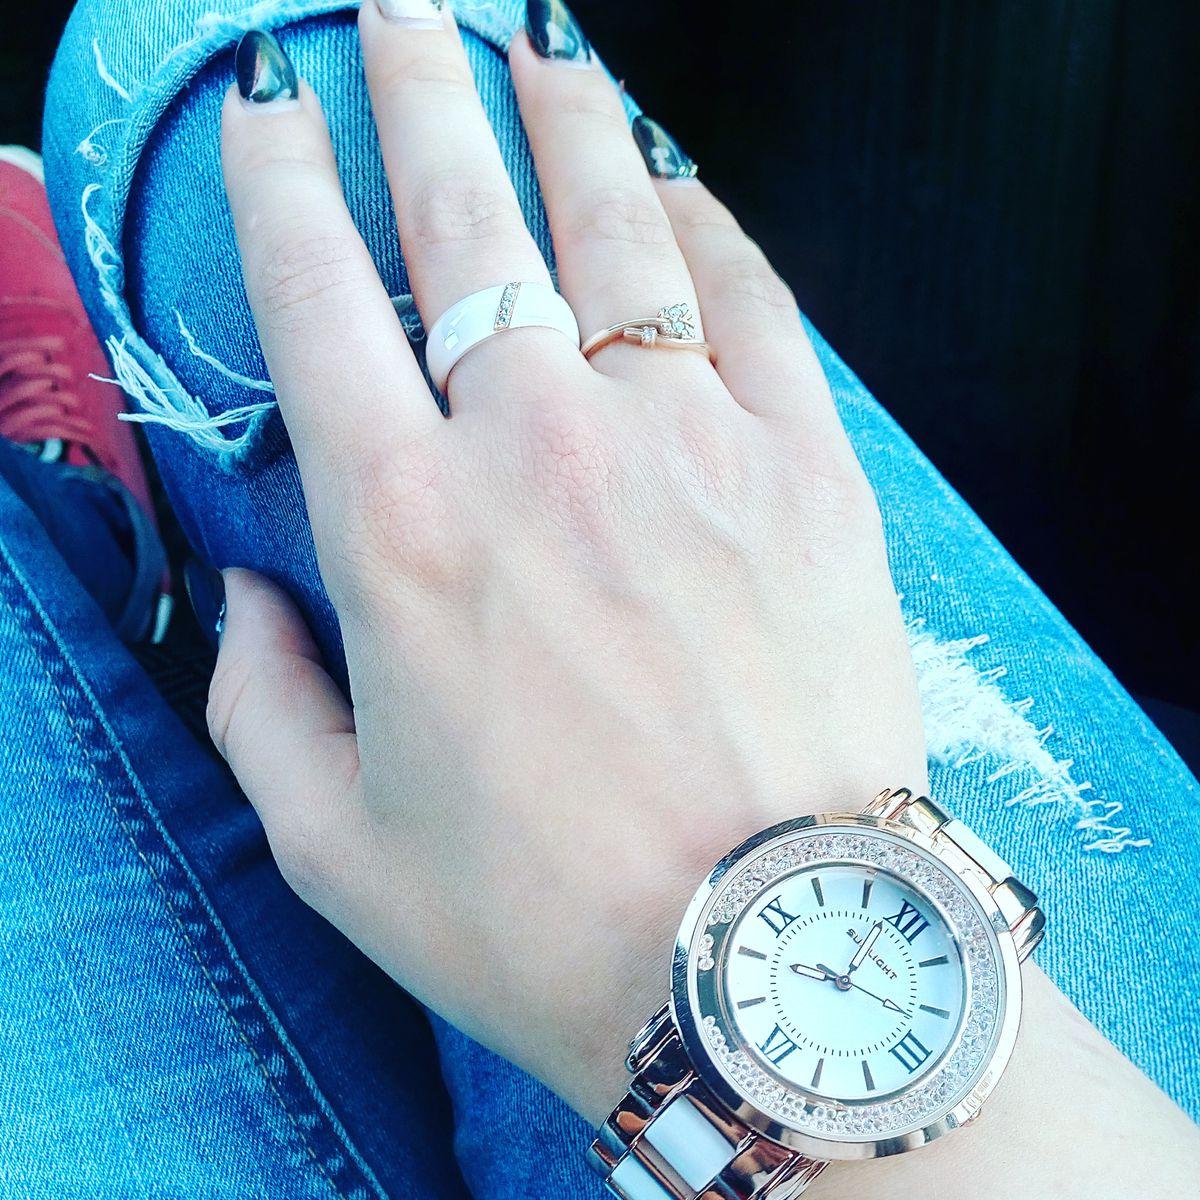 Суперские часы 😍